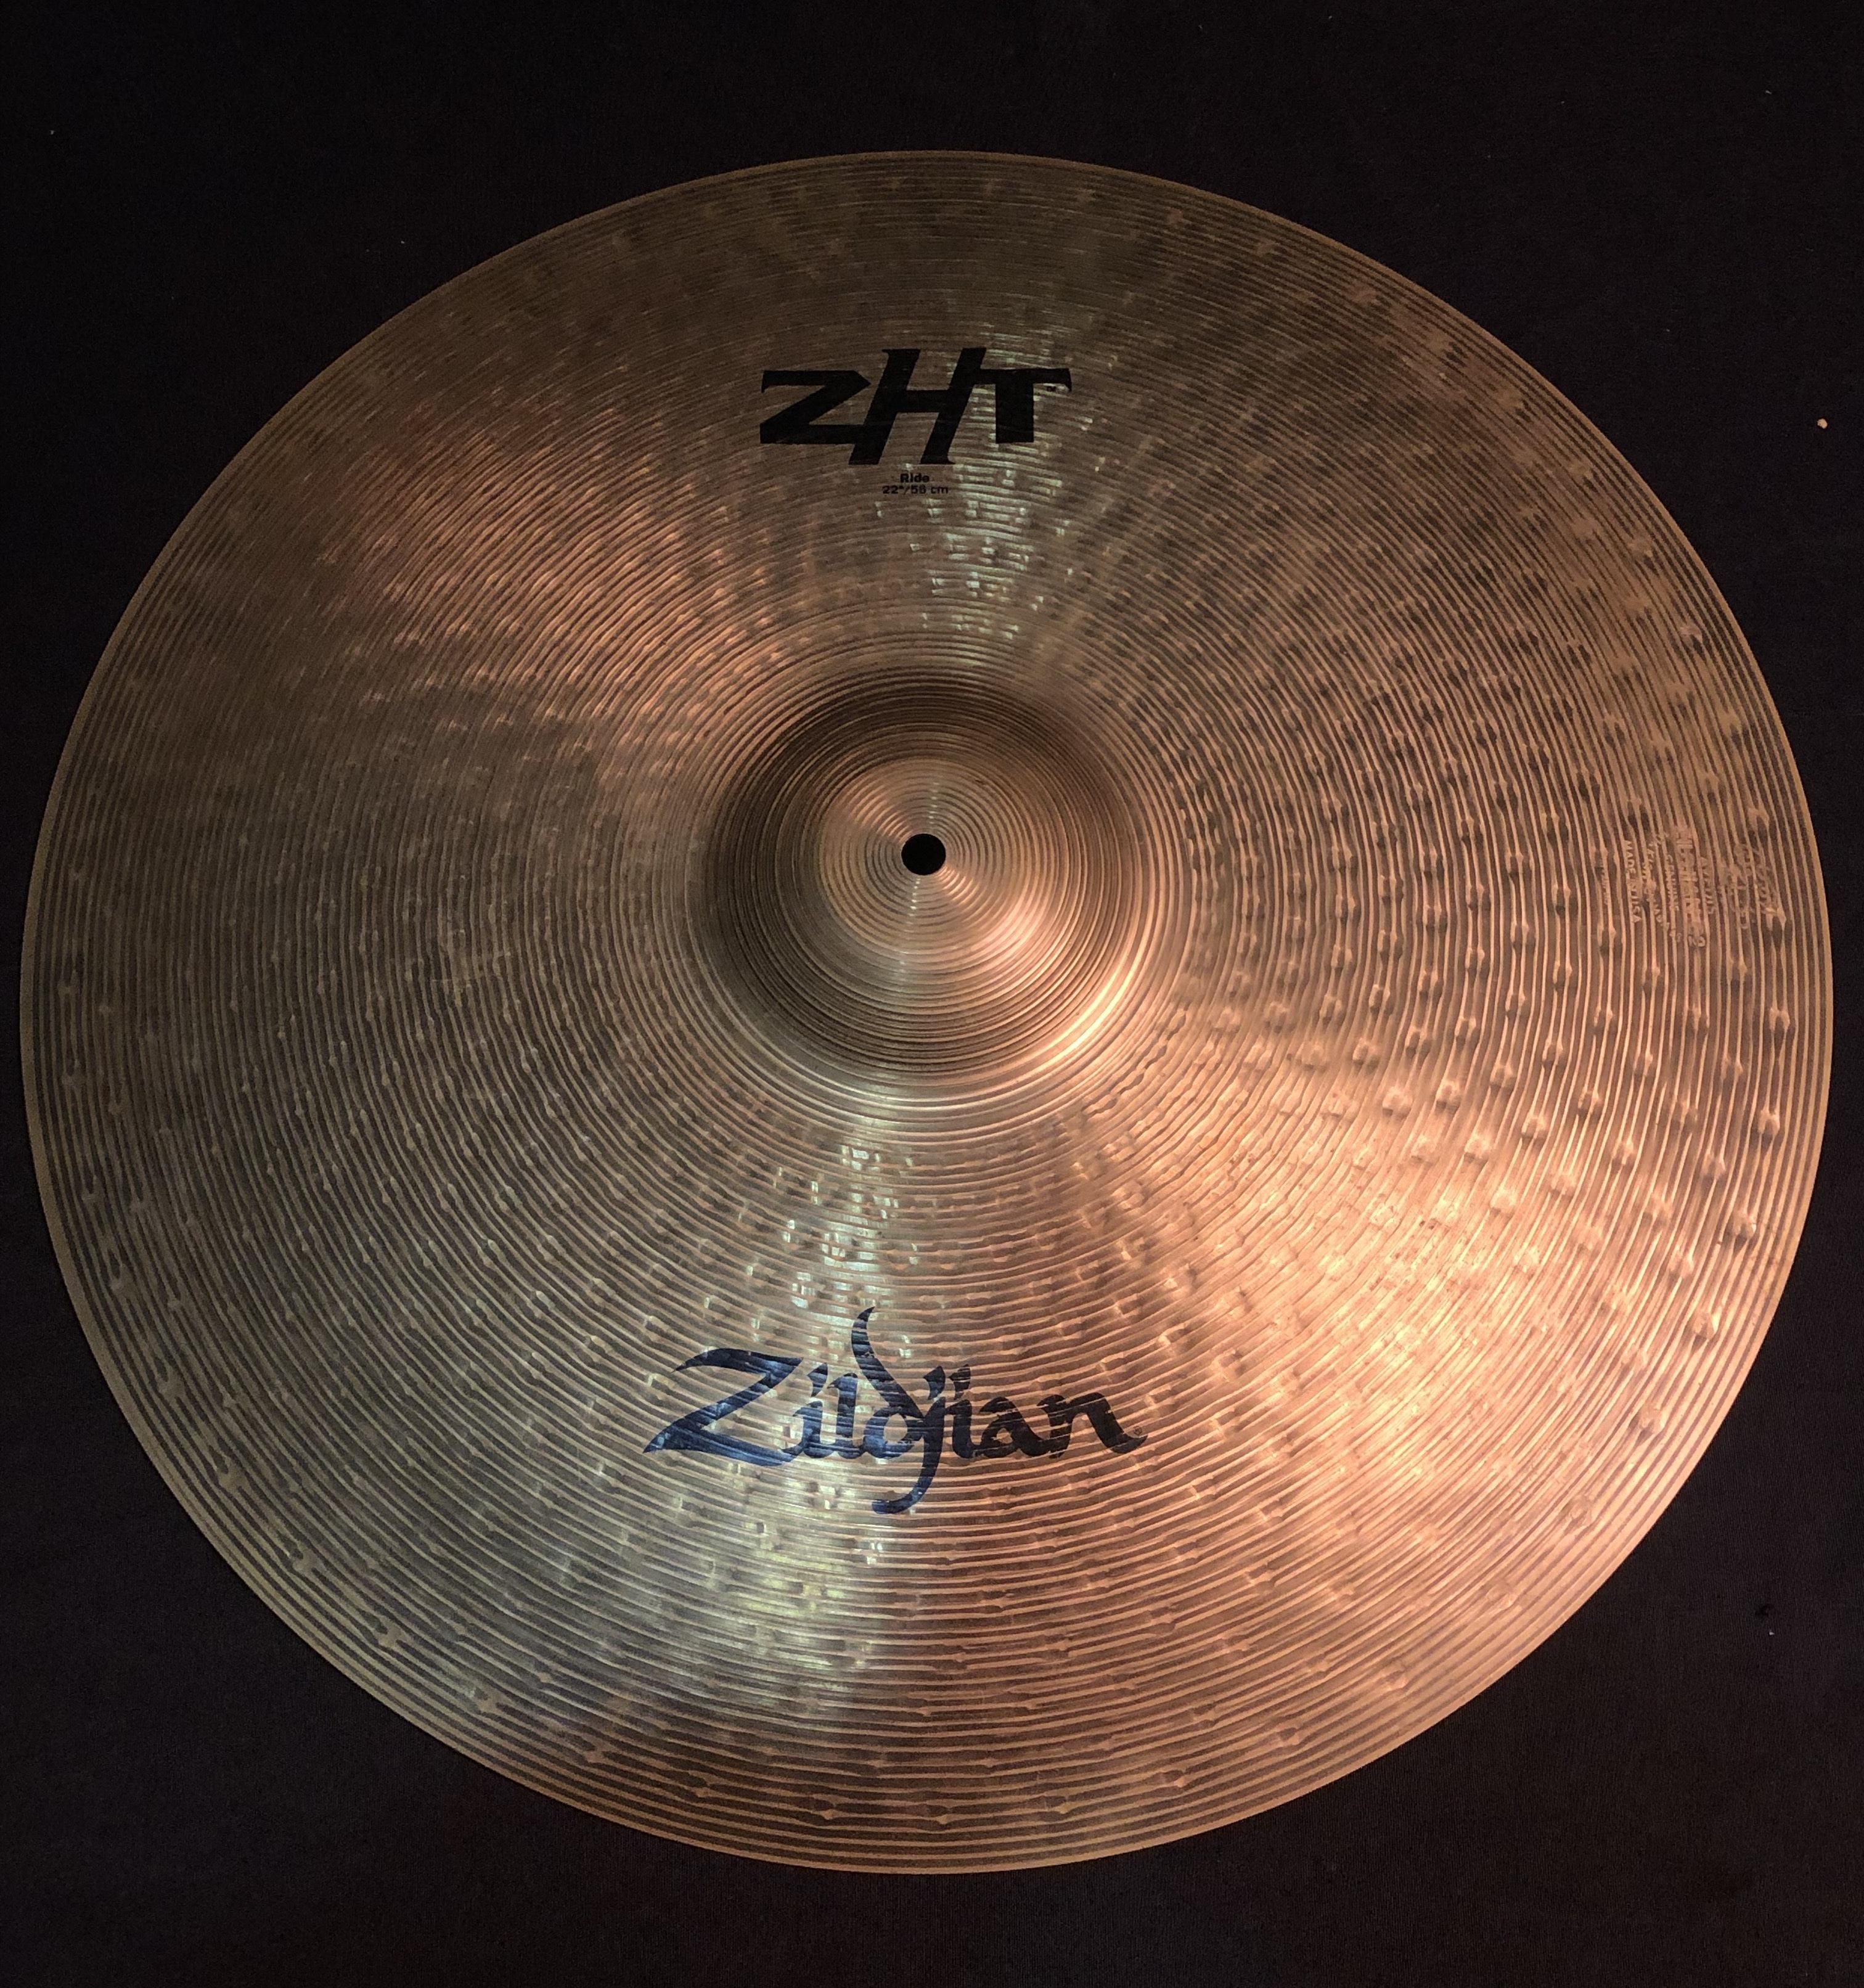 ZILDJIAN - ZHT Ride Cymbal 22